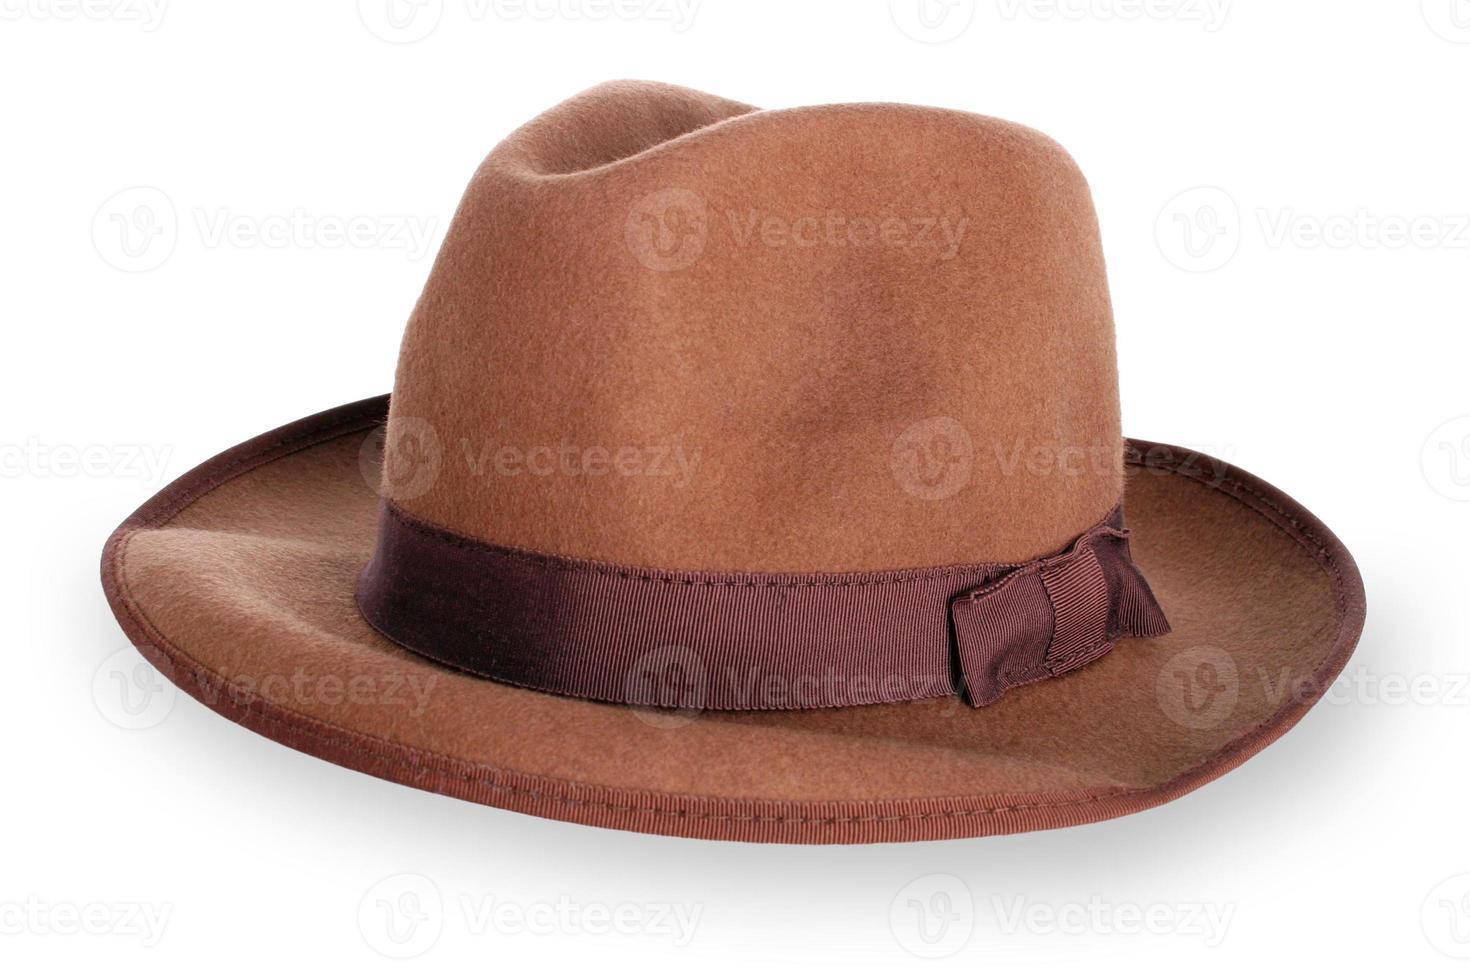 cappello da uomo classico foto